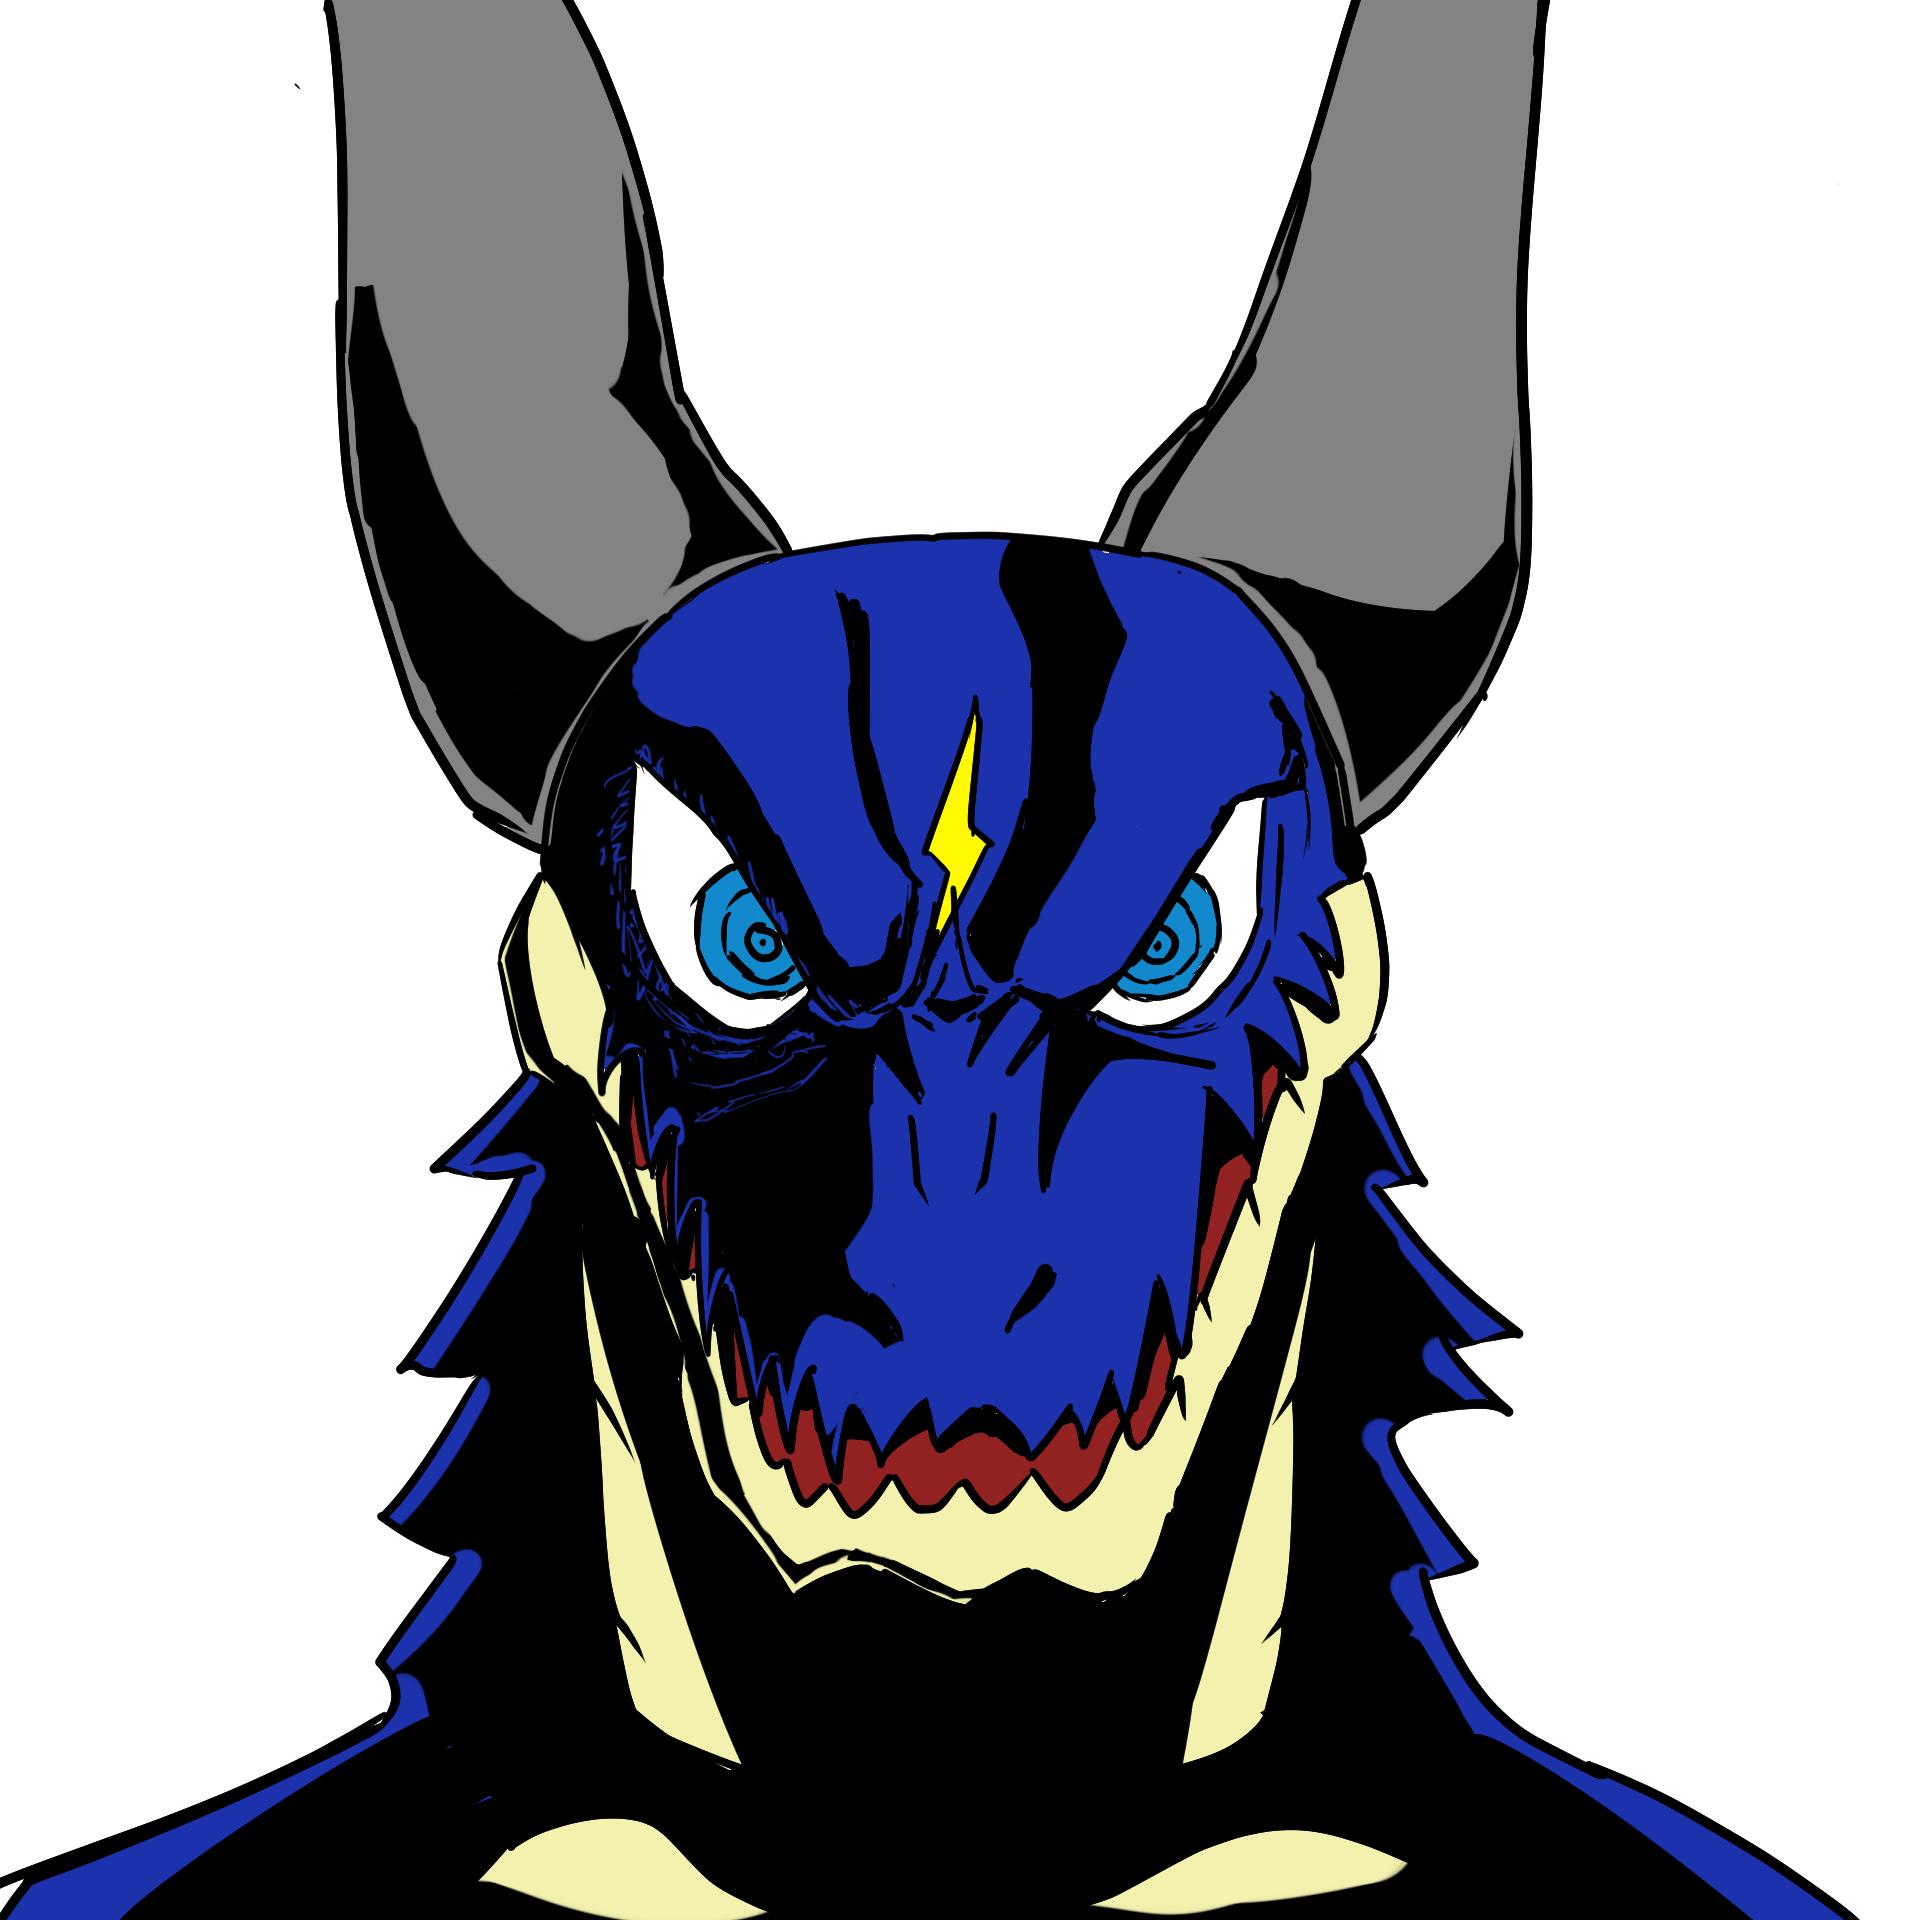 ドラゴン轟のプロフィール画像